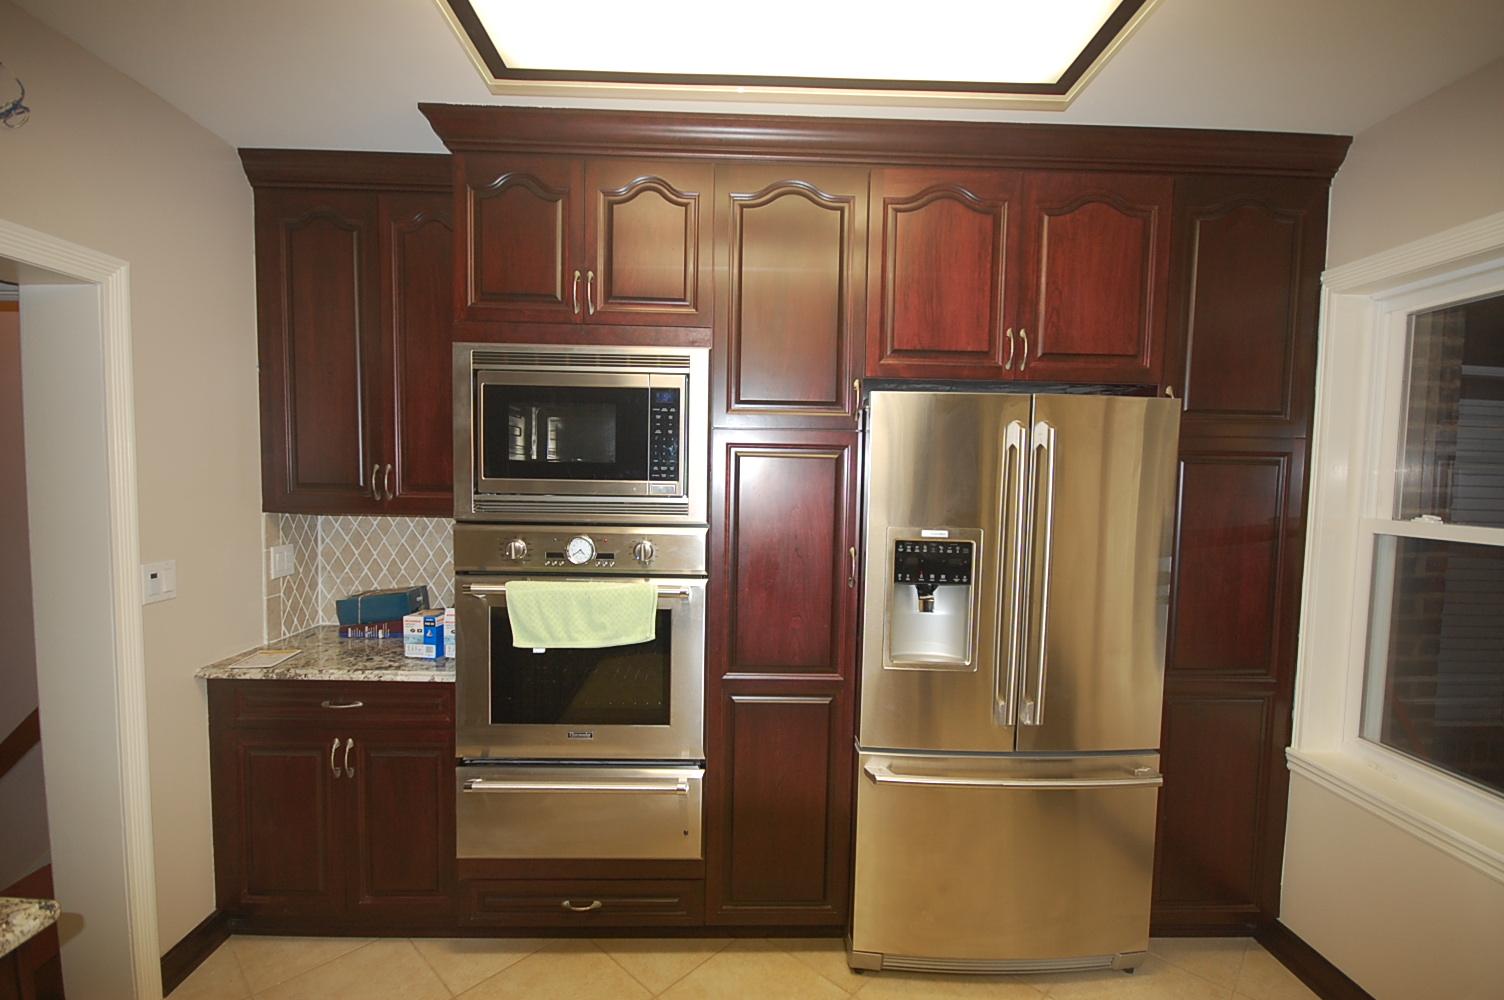 Interior Kitchen Cabinets In Brooklyn Ny kitchen portfolio nywoodwork marine park brooklyn ny cabinet